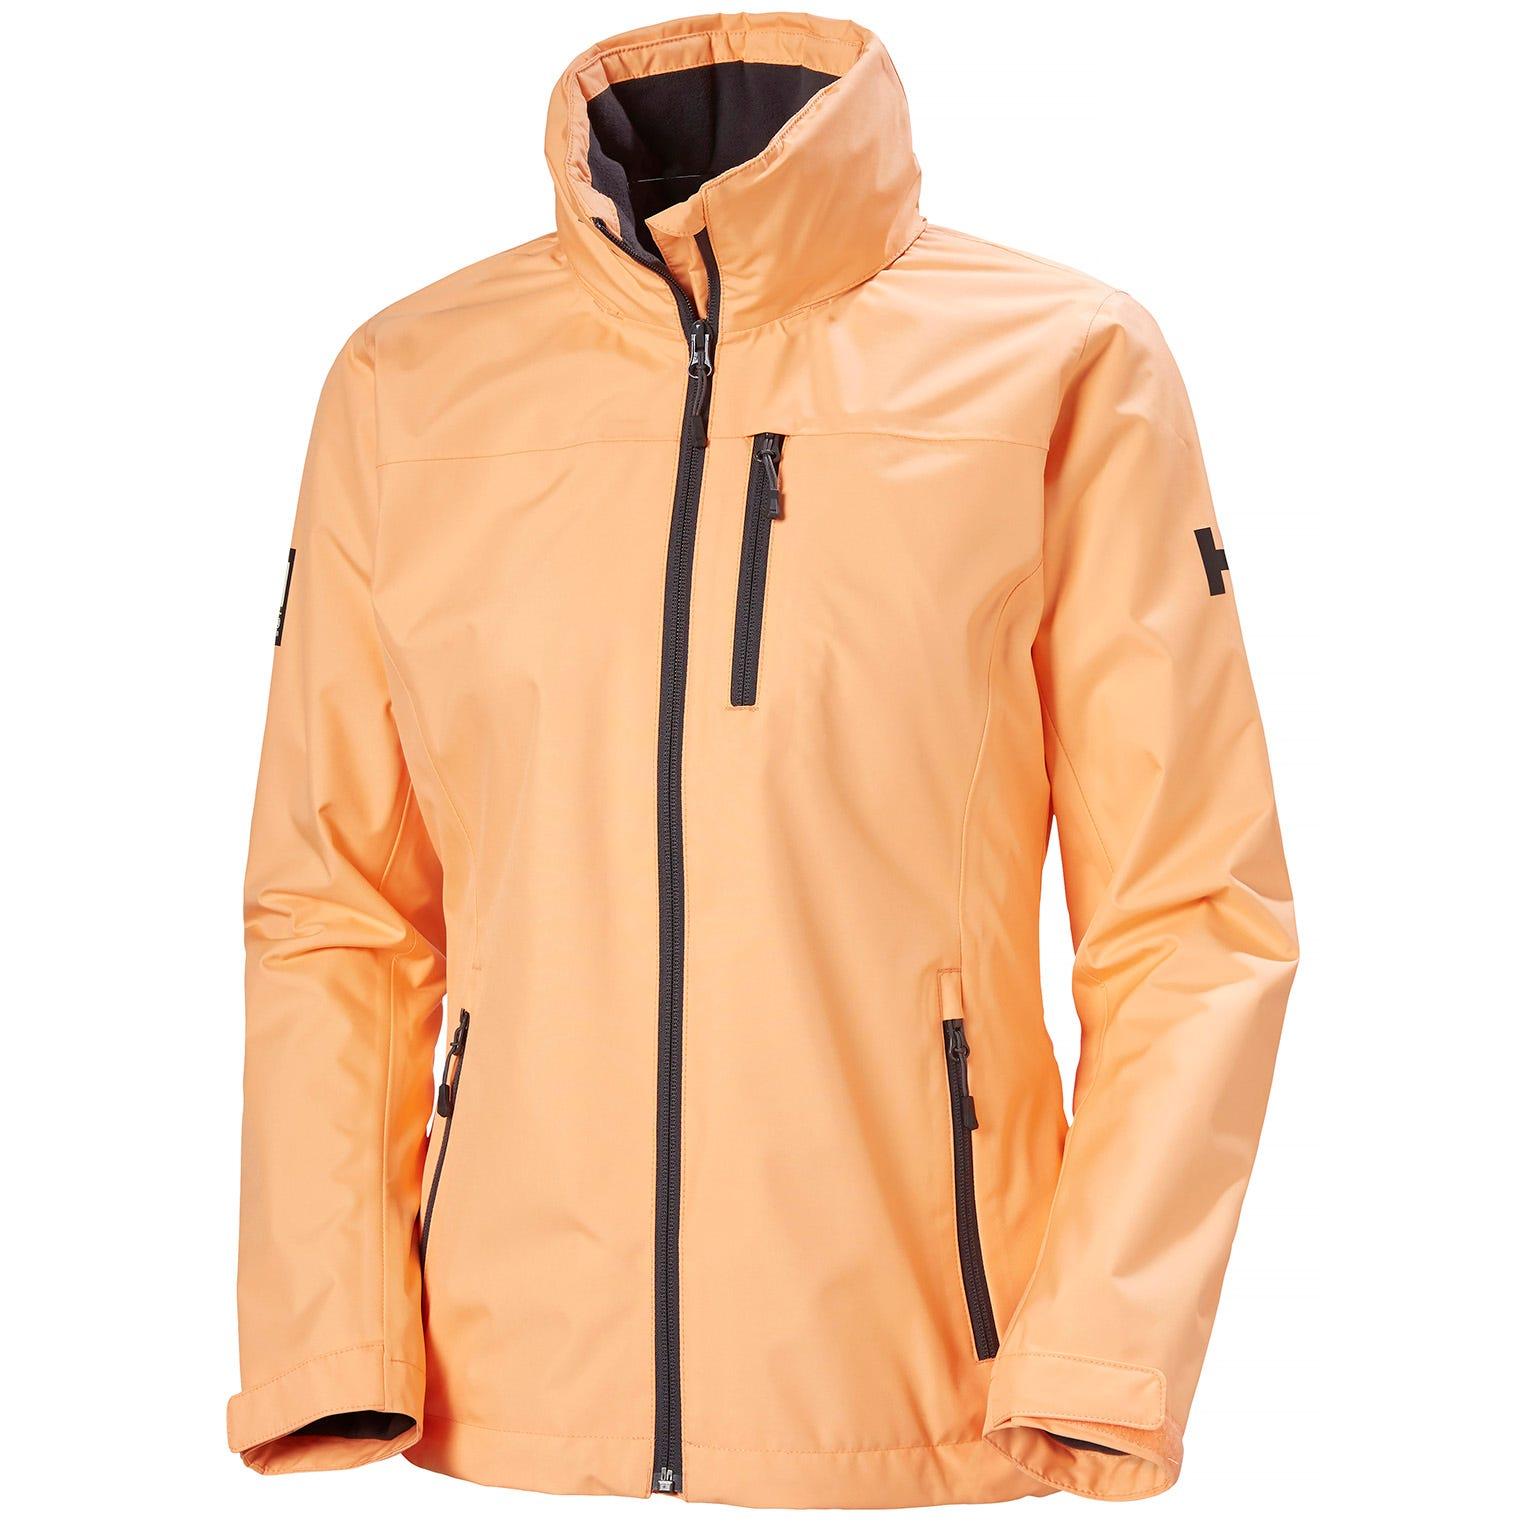 Helly Hansen Womens Sailing Jacket Orange M